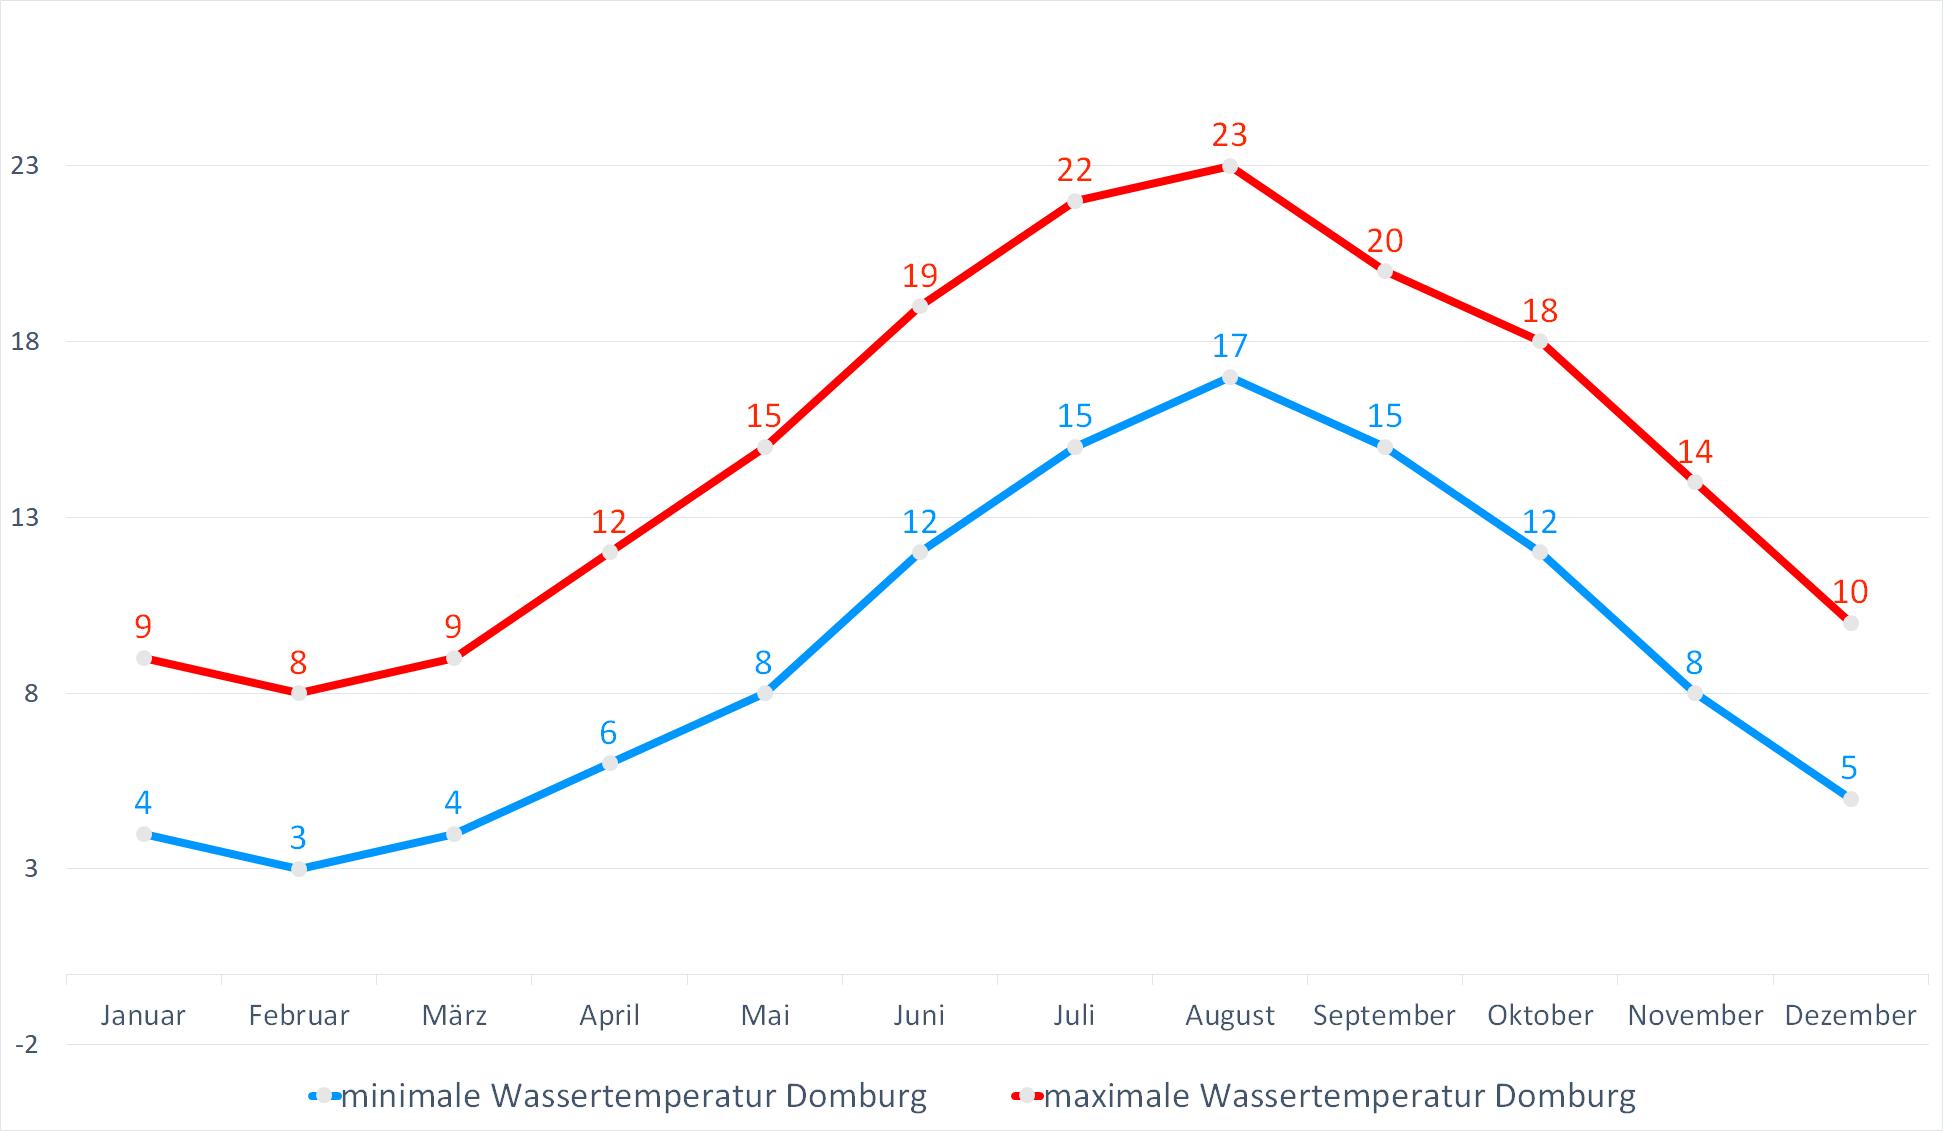 Minimale & Maximale Wassertemperaturen für Domburg im Jahresverlauf